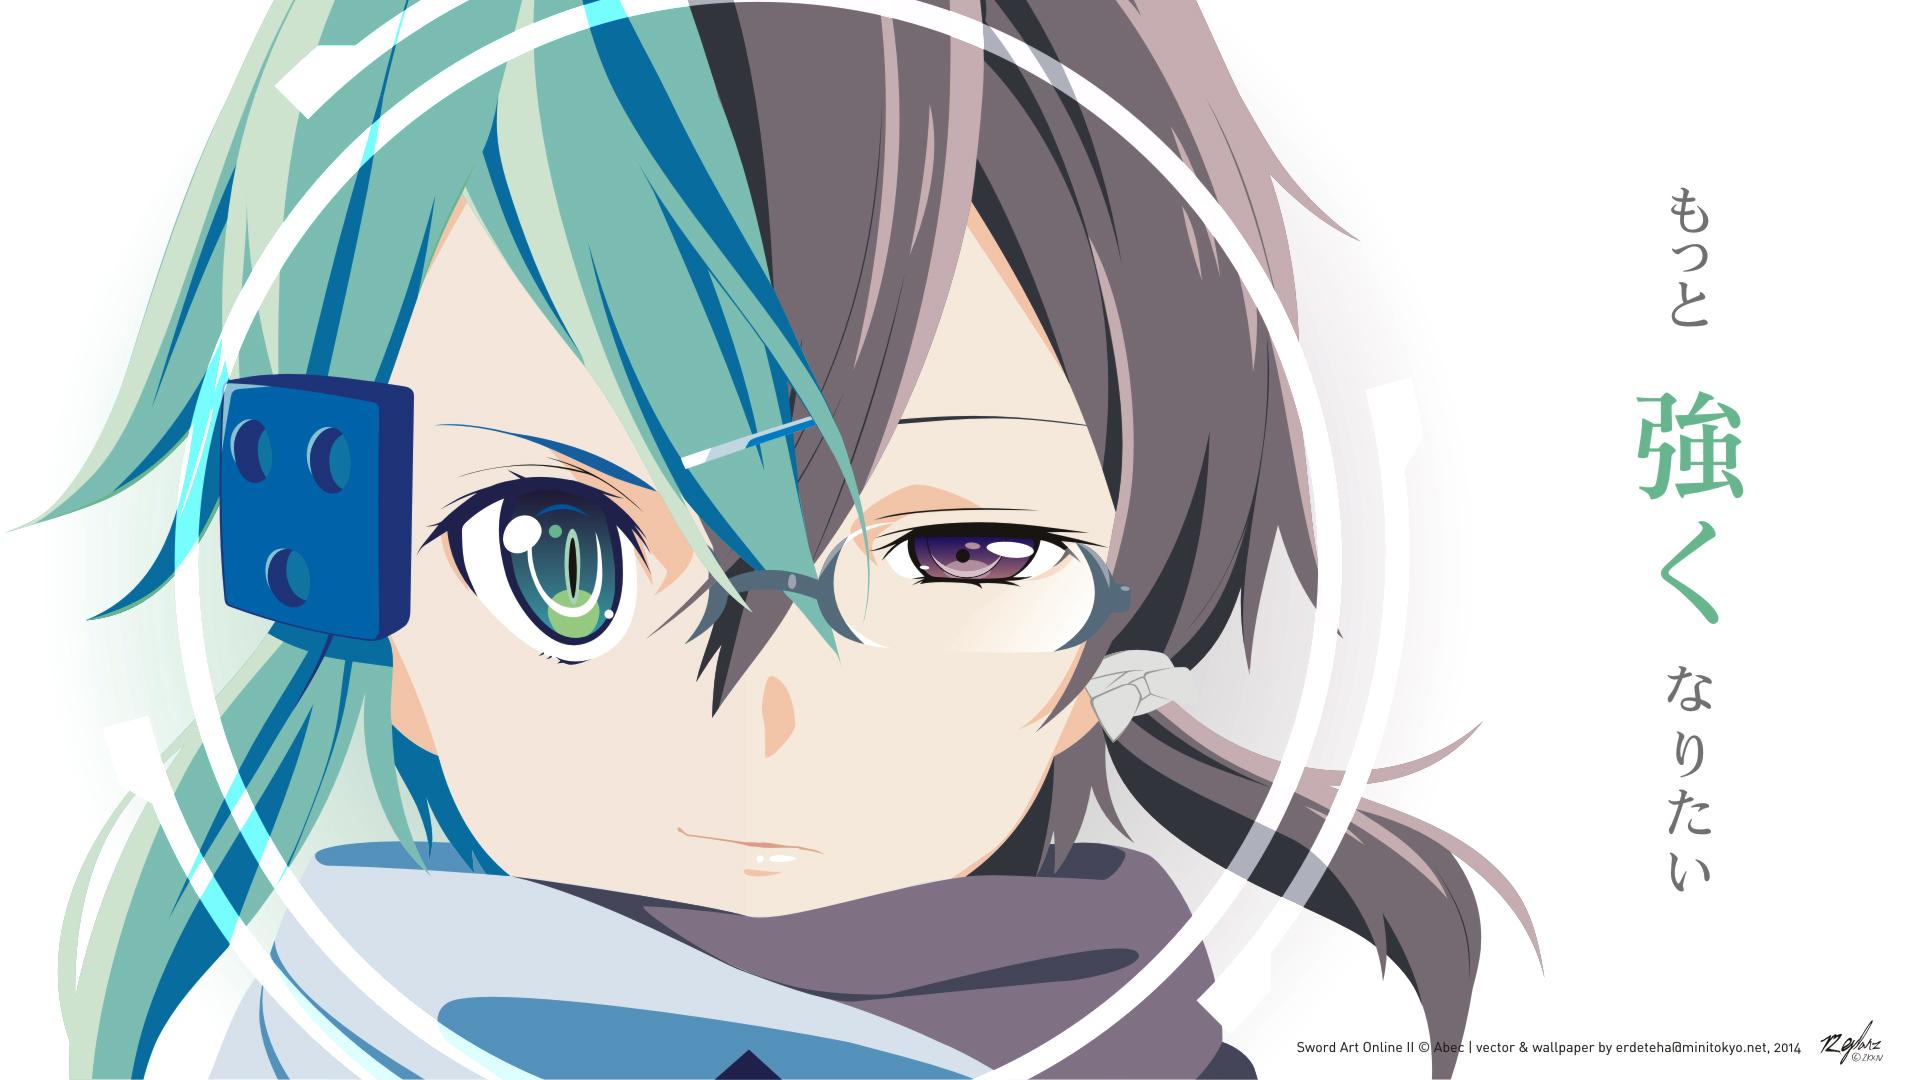 Sword Art Online Hd Wallpaper 1783239 Zerochan Anime Image Board